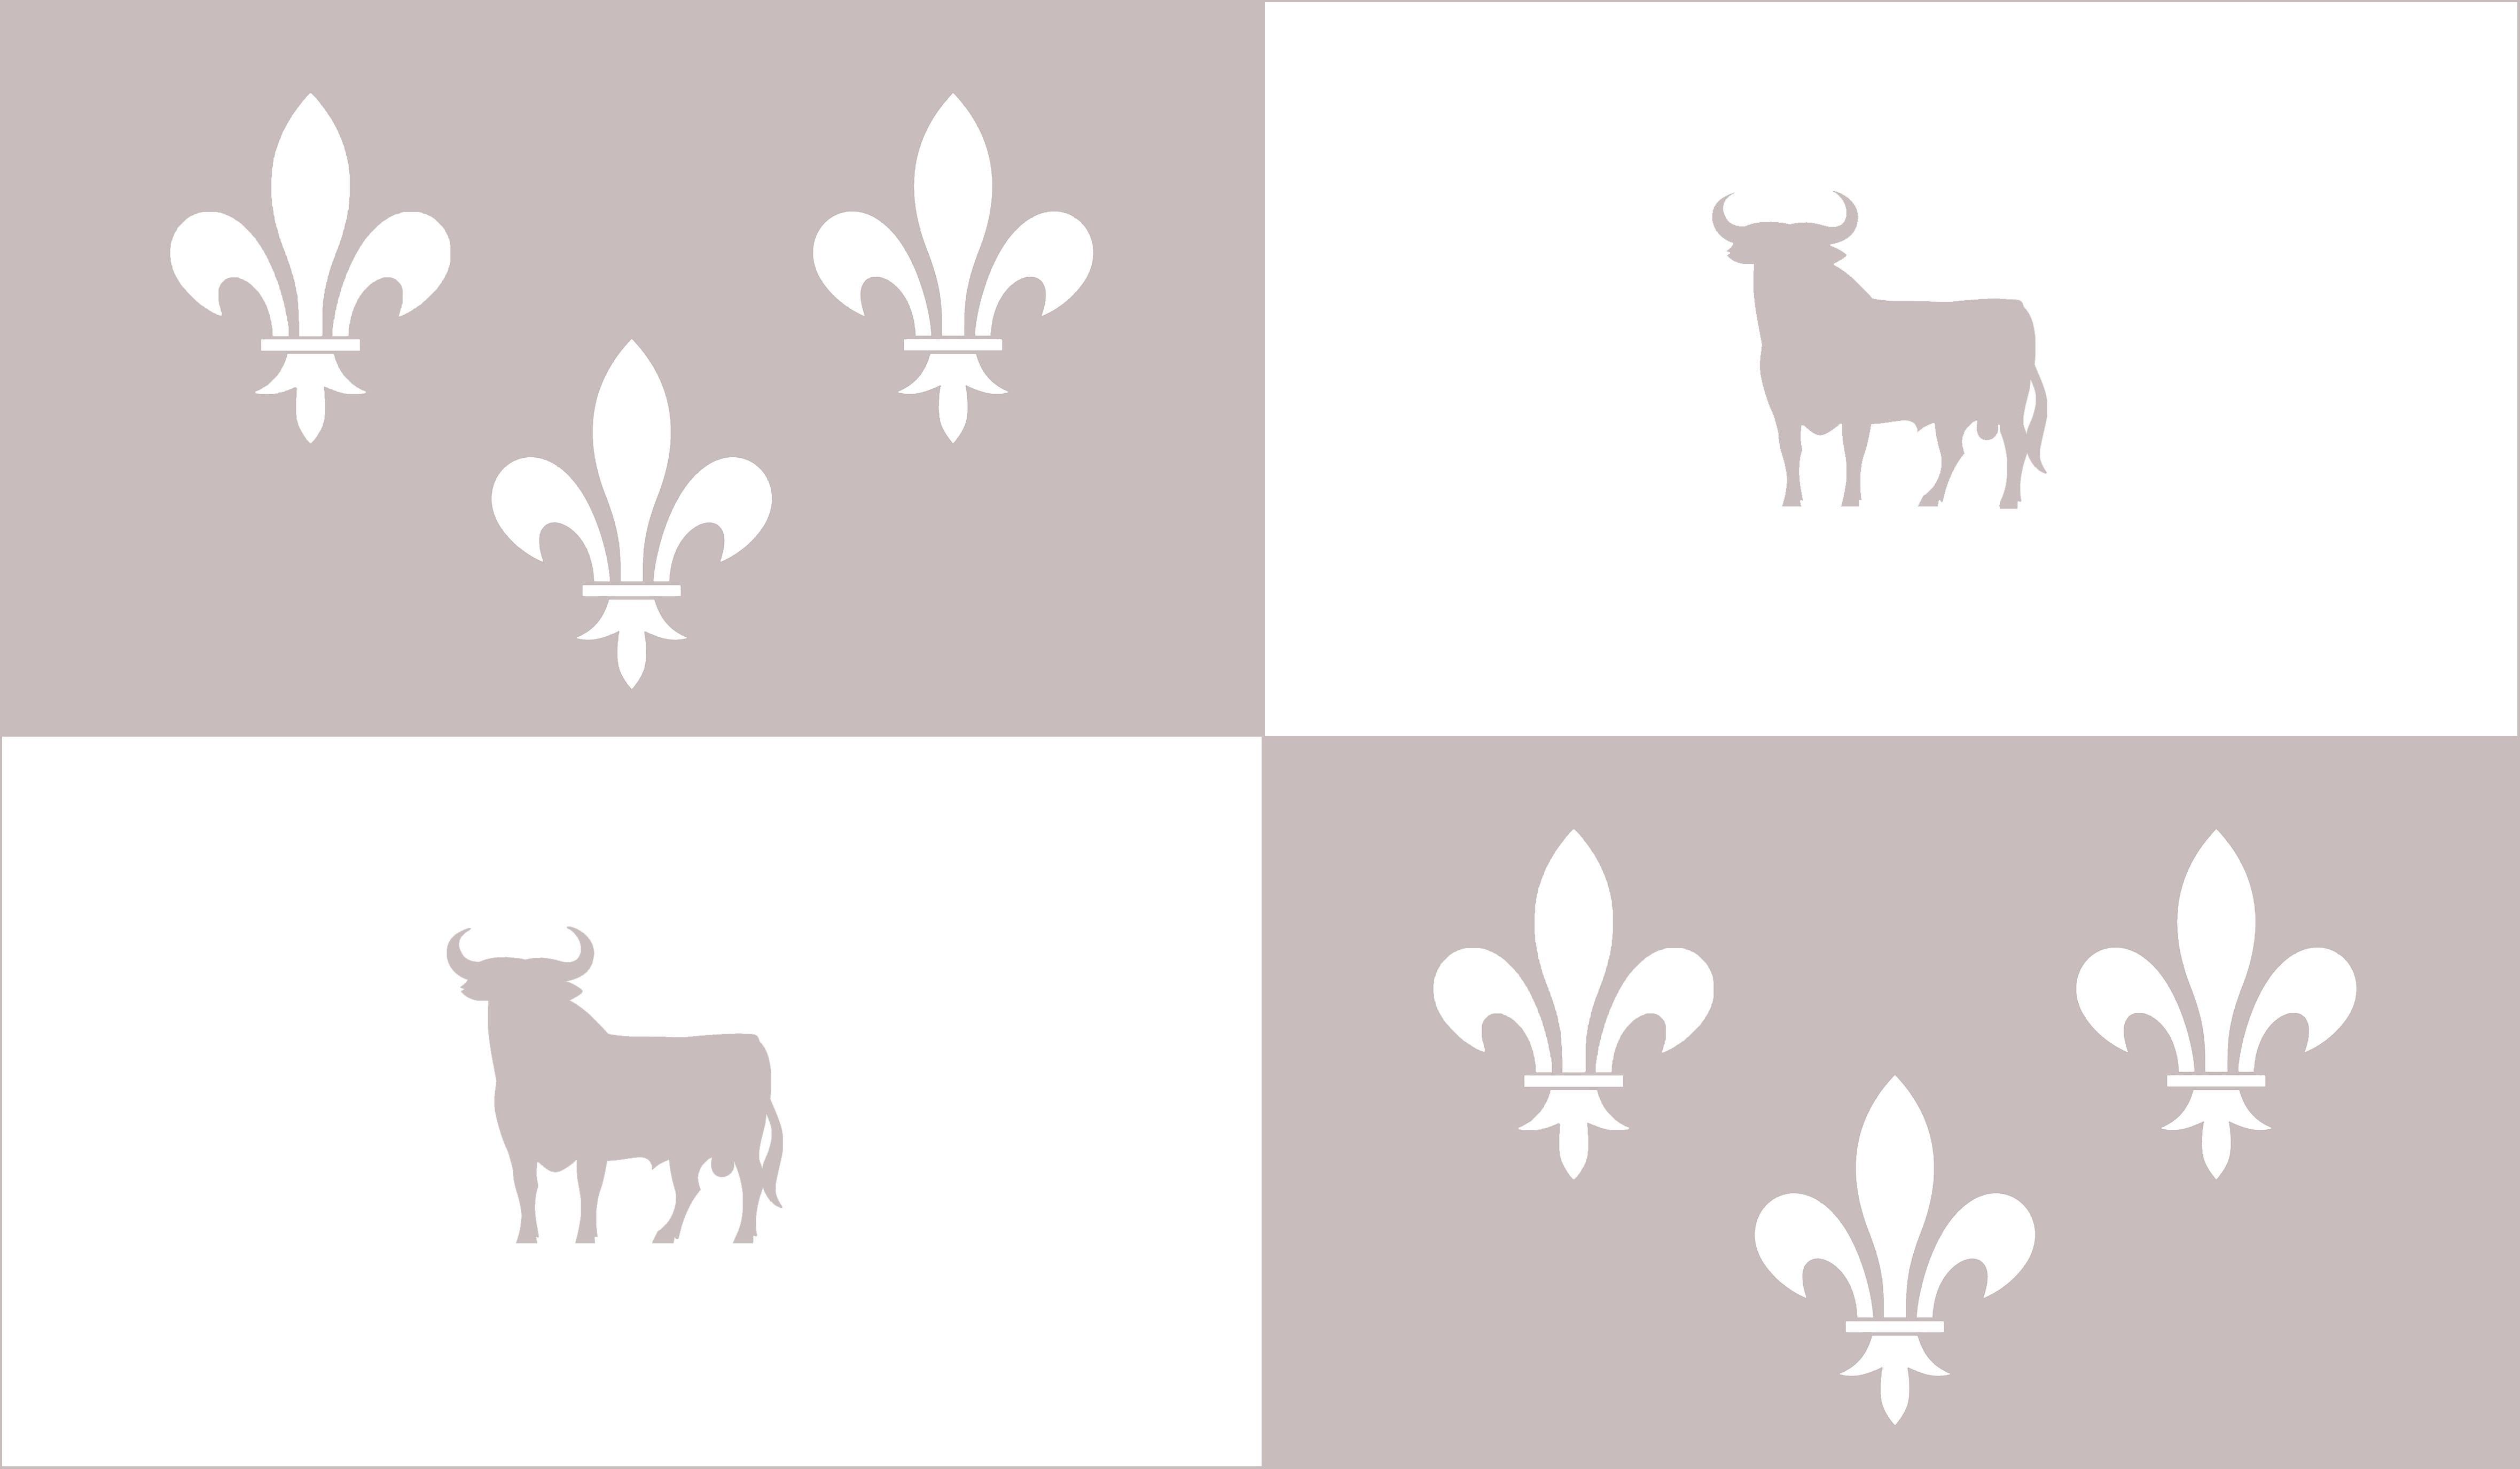 en51-flags-of-france_16